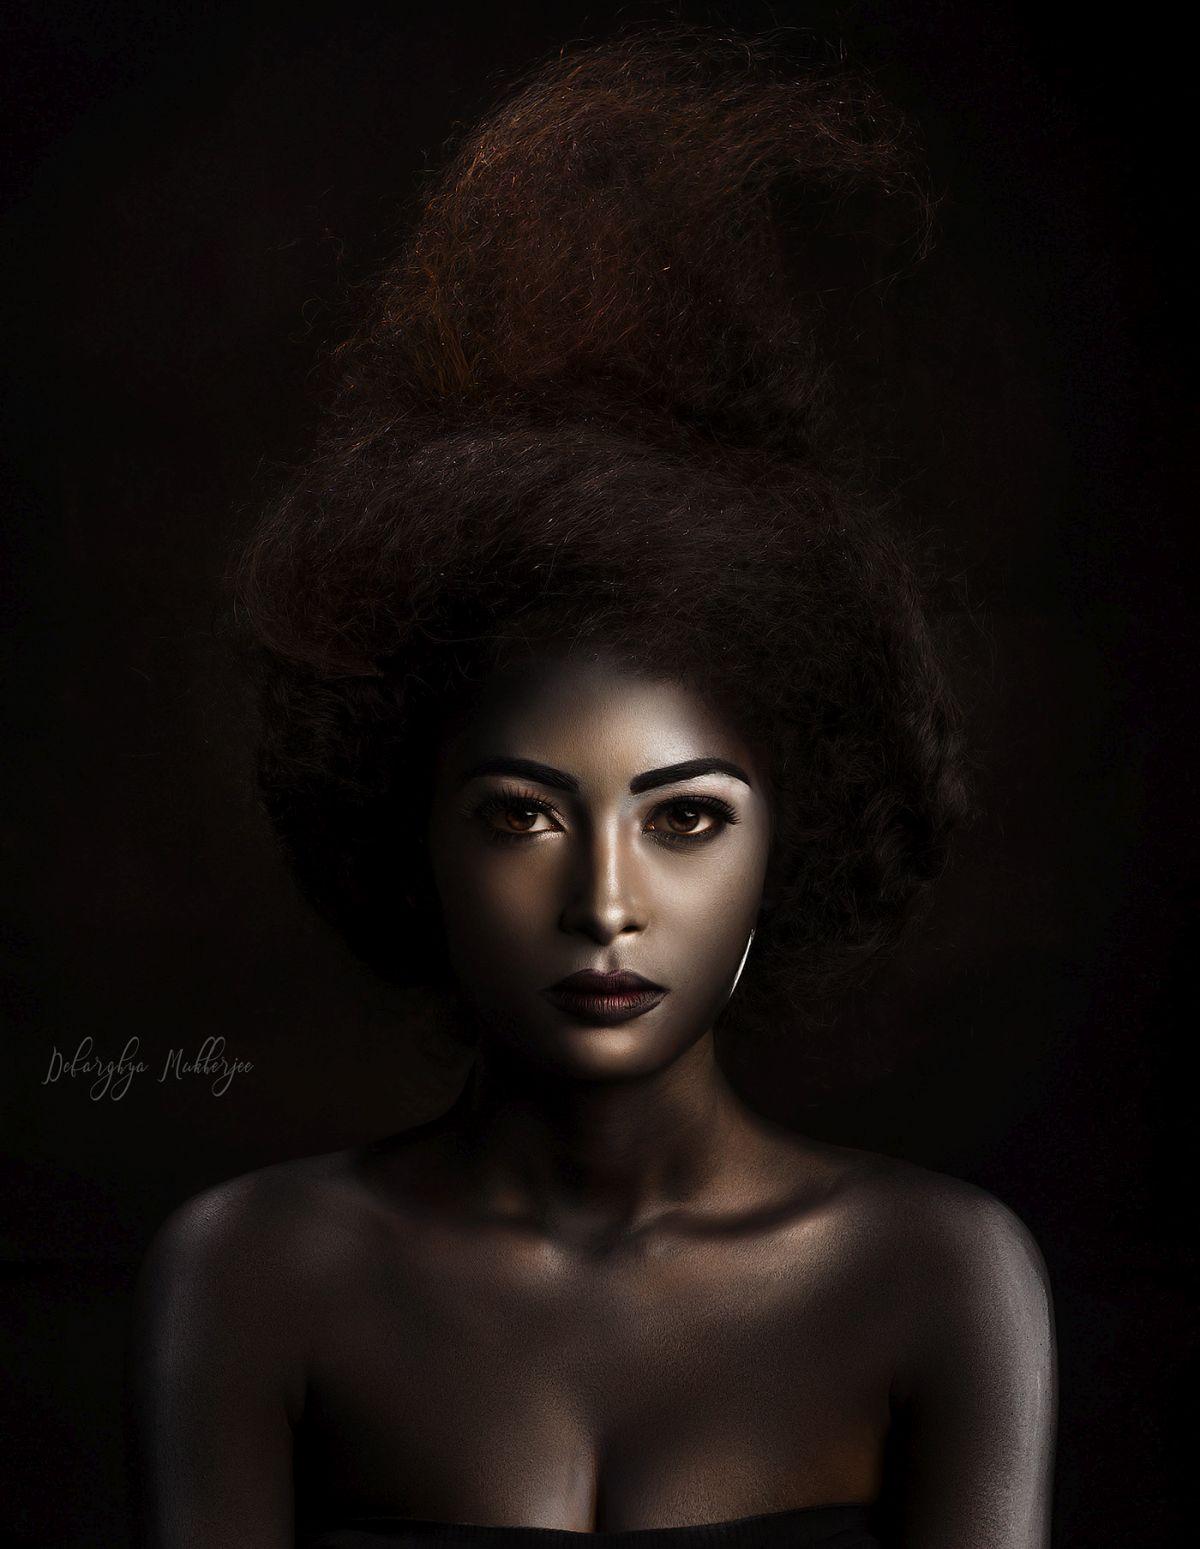 portrait photography silver by debarghya mukherjee